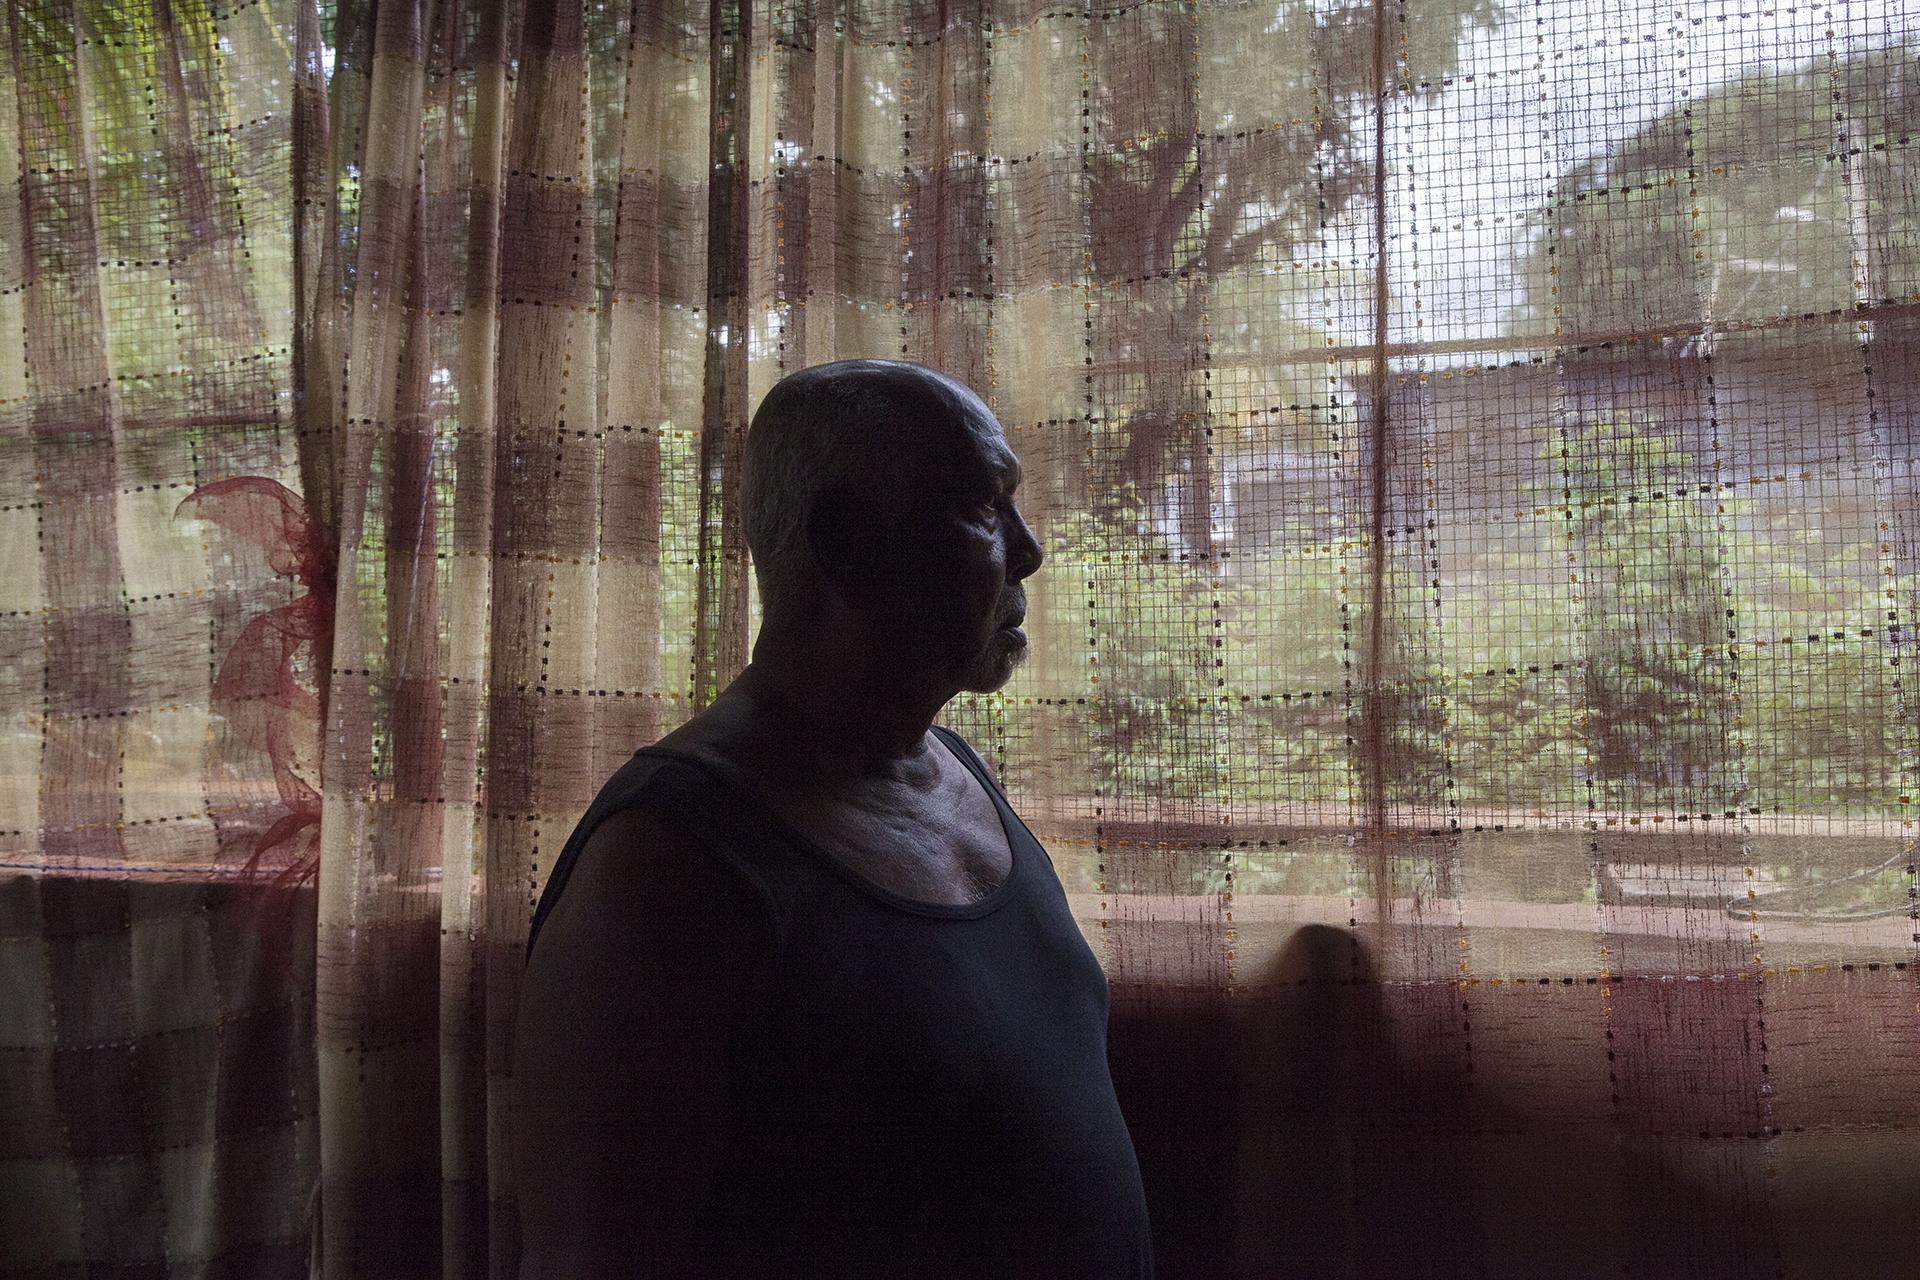 Dans la communauté Chagossienne, tout le monde connaît « Petit frère ».A 78 ans il est ce qu'on appelle « une figure ». Un porteur d'histoires. De son histoire. Celle de son peuple. De sa terre natale. Les Chagos.« On m'appelle petit frère parce que je suis le plus petit de la famille, mais ça a bien changé. »Quarante ans après son arrivée à Maurice, son œil est toujours humide lorsqu'il conte son histoire. « Je suis venu ici en 73, mais j'ai pas oublié ce que je vivais au Chagos. Ça part pas. »Petit frère parle de son mariage au Chagos,  de ses enfants nés là bas,  de ses enfants nés ici. «Les politiciens ne se soucient pas des Chagossiens. Chaque jour de l'indépendance de Maurice est un coup de poignard pour nous. Ca nous rappelle à chaque fois pourquoi nous sommes ici. Le gouvernement mauricien n'a jamais eu un mot pour ça, ne s'est jamais excusé pour cela.  Gouvernement mauricien a gagné beaucoup d'argent grâce aux Chagossiens, a gagné sa liberté. Nous on a gagné quoi ? »« Petit frère » n'arrêtera jamais de combattre pour retrouver sa terre.« Cela fait 40 ans que nous menons ce combat, est ce que les jeunes vont reprendre le flambeau ? Quand nous les anciens seront partis. Que va-t-il rester ? Il nous reste peu de temps. »